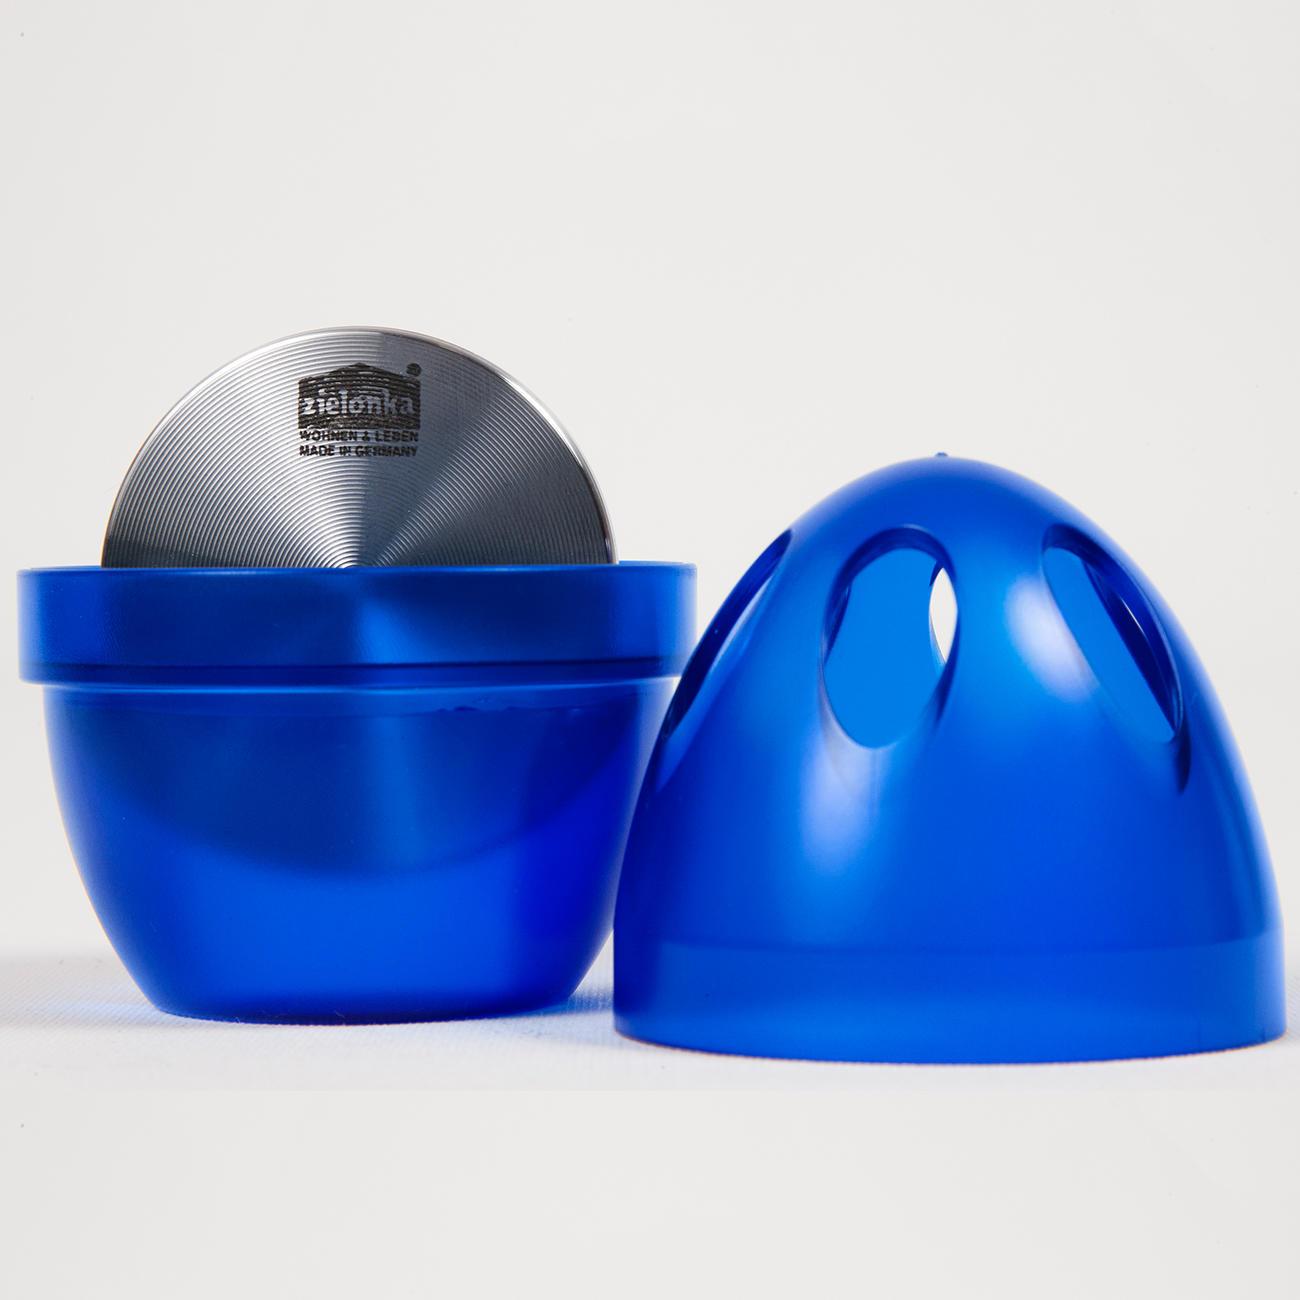 zielonka geruchskiller k hlschrank ei blau online kaufen. Black Bedroom Furniture Sets. Home Design Ideas